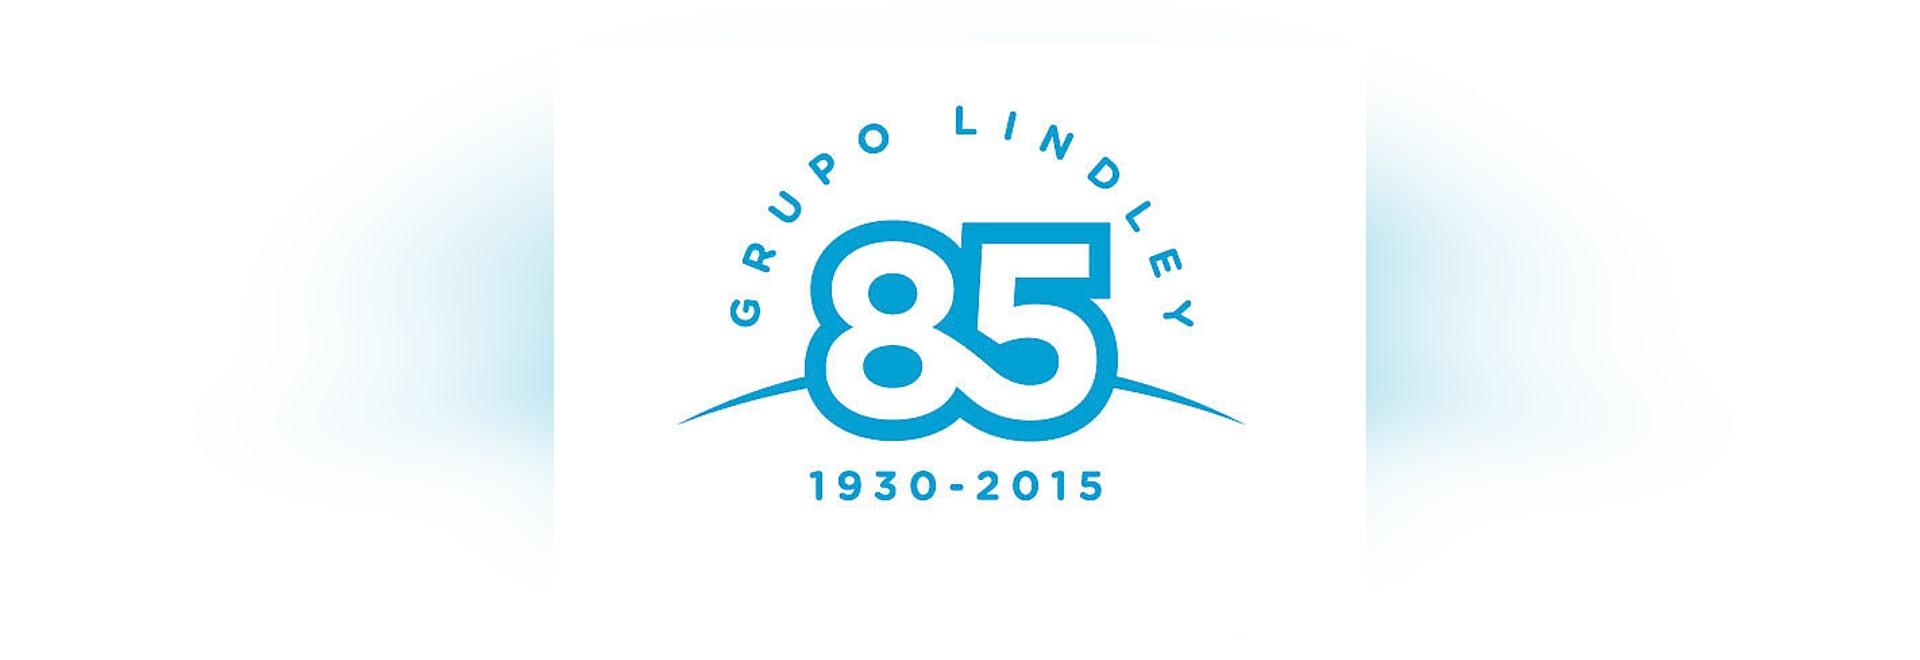 El Grupo Lindley presentará su nuevo catálogo de equipamiento flotante para marinas en el Cartagena Boat Show 2015